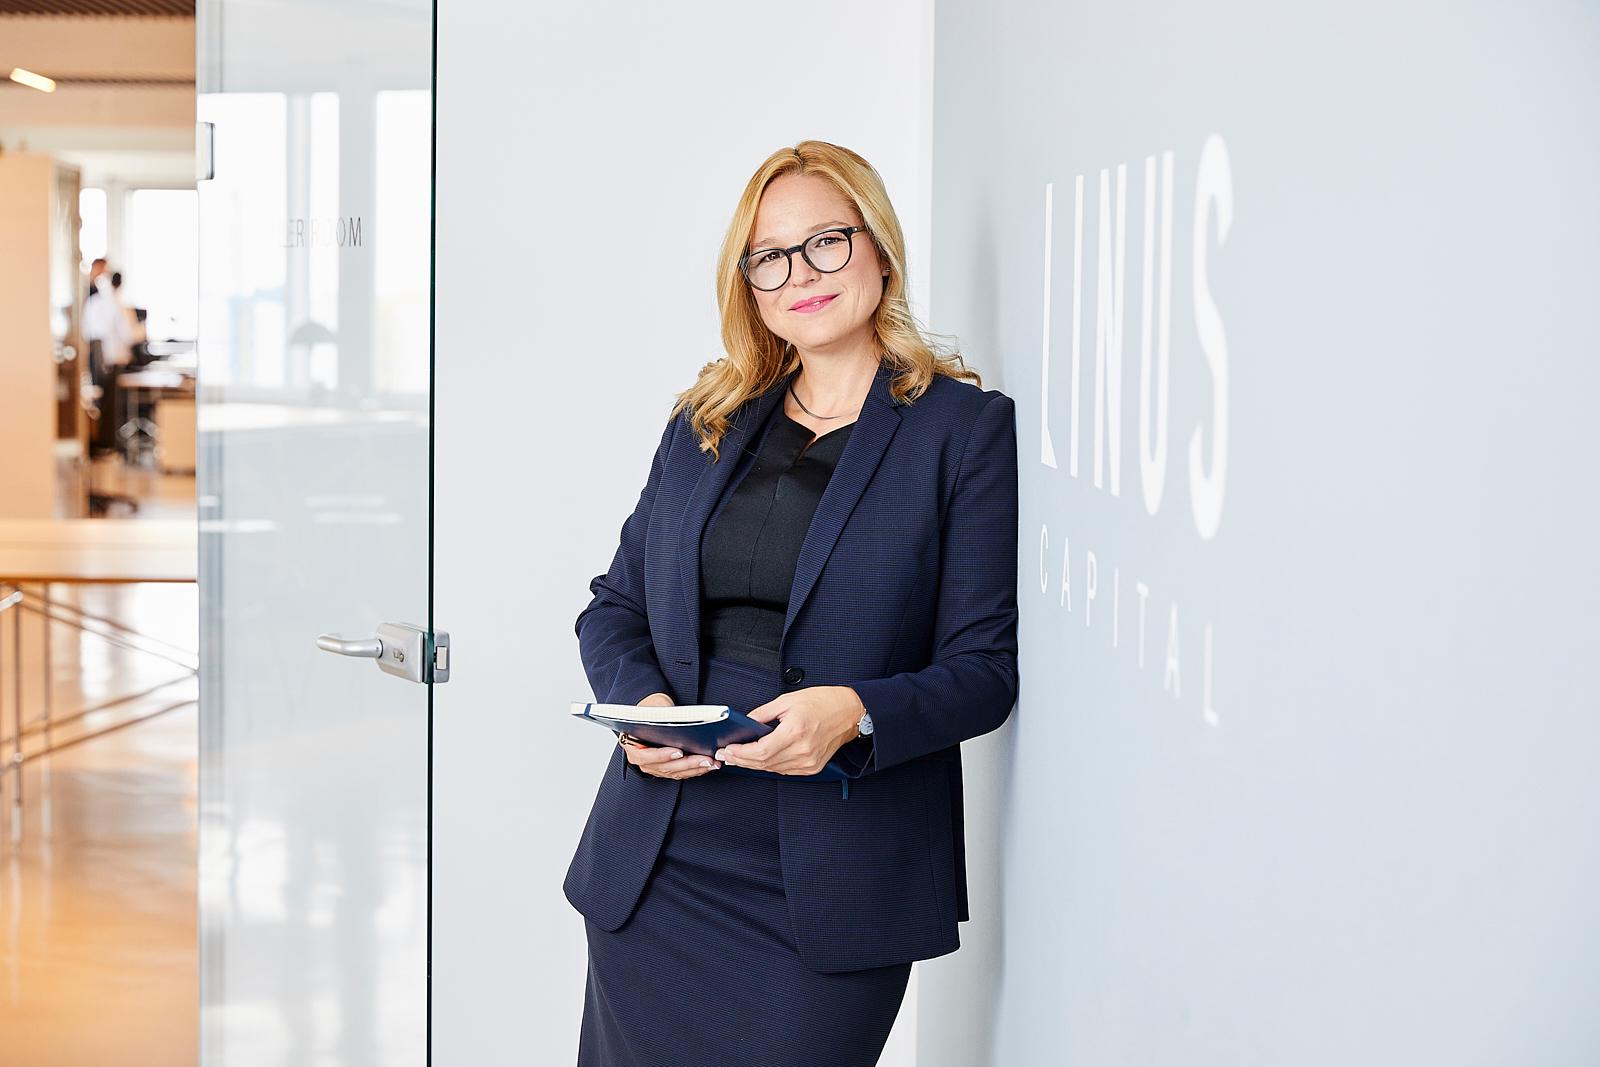 LINUS Digital Finance beruft Julia Kneist zum Chief Risk Officer